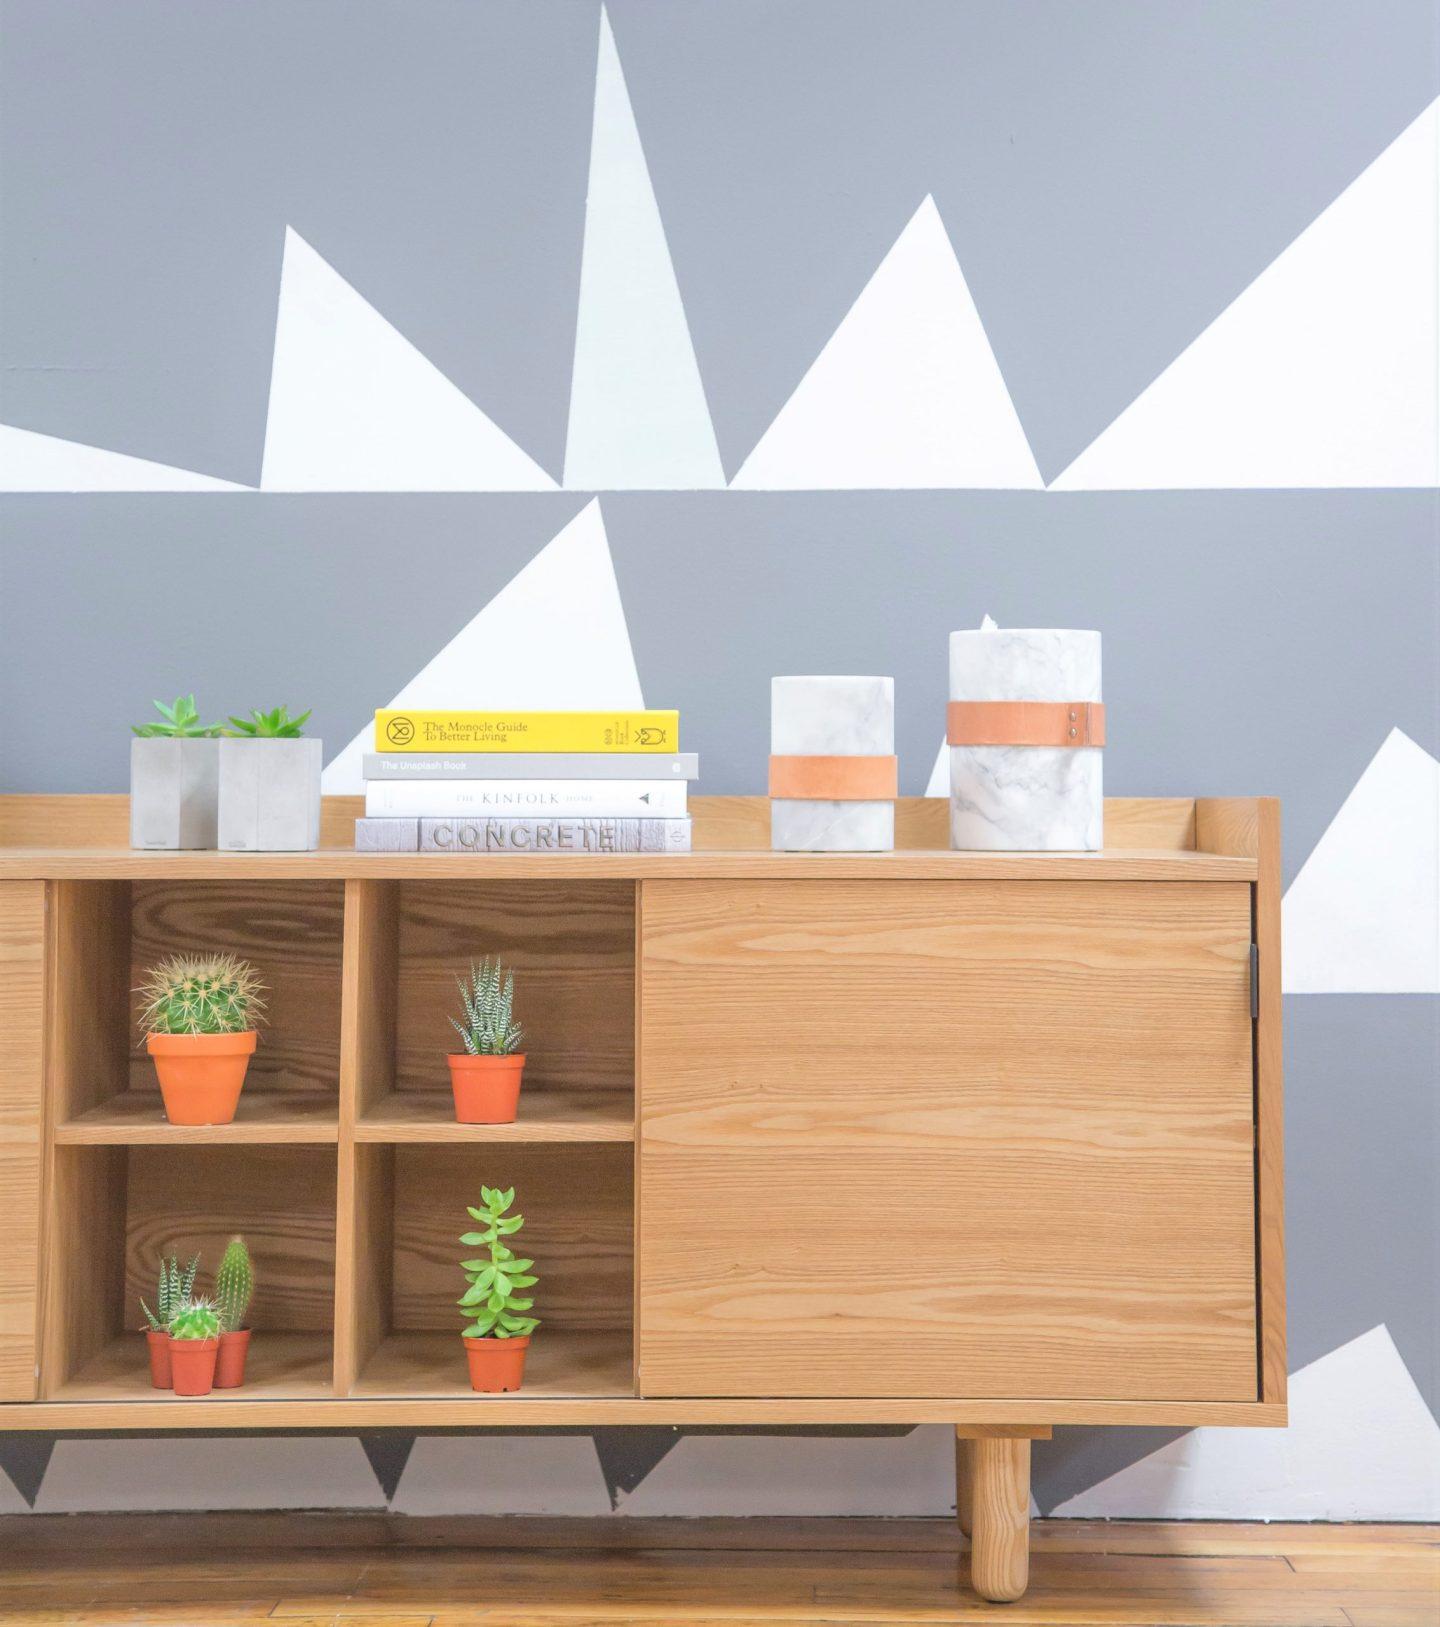 muros con papel pintado con estampas geométricas